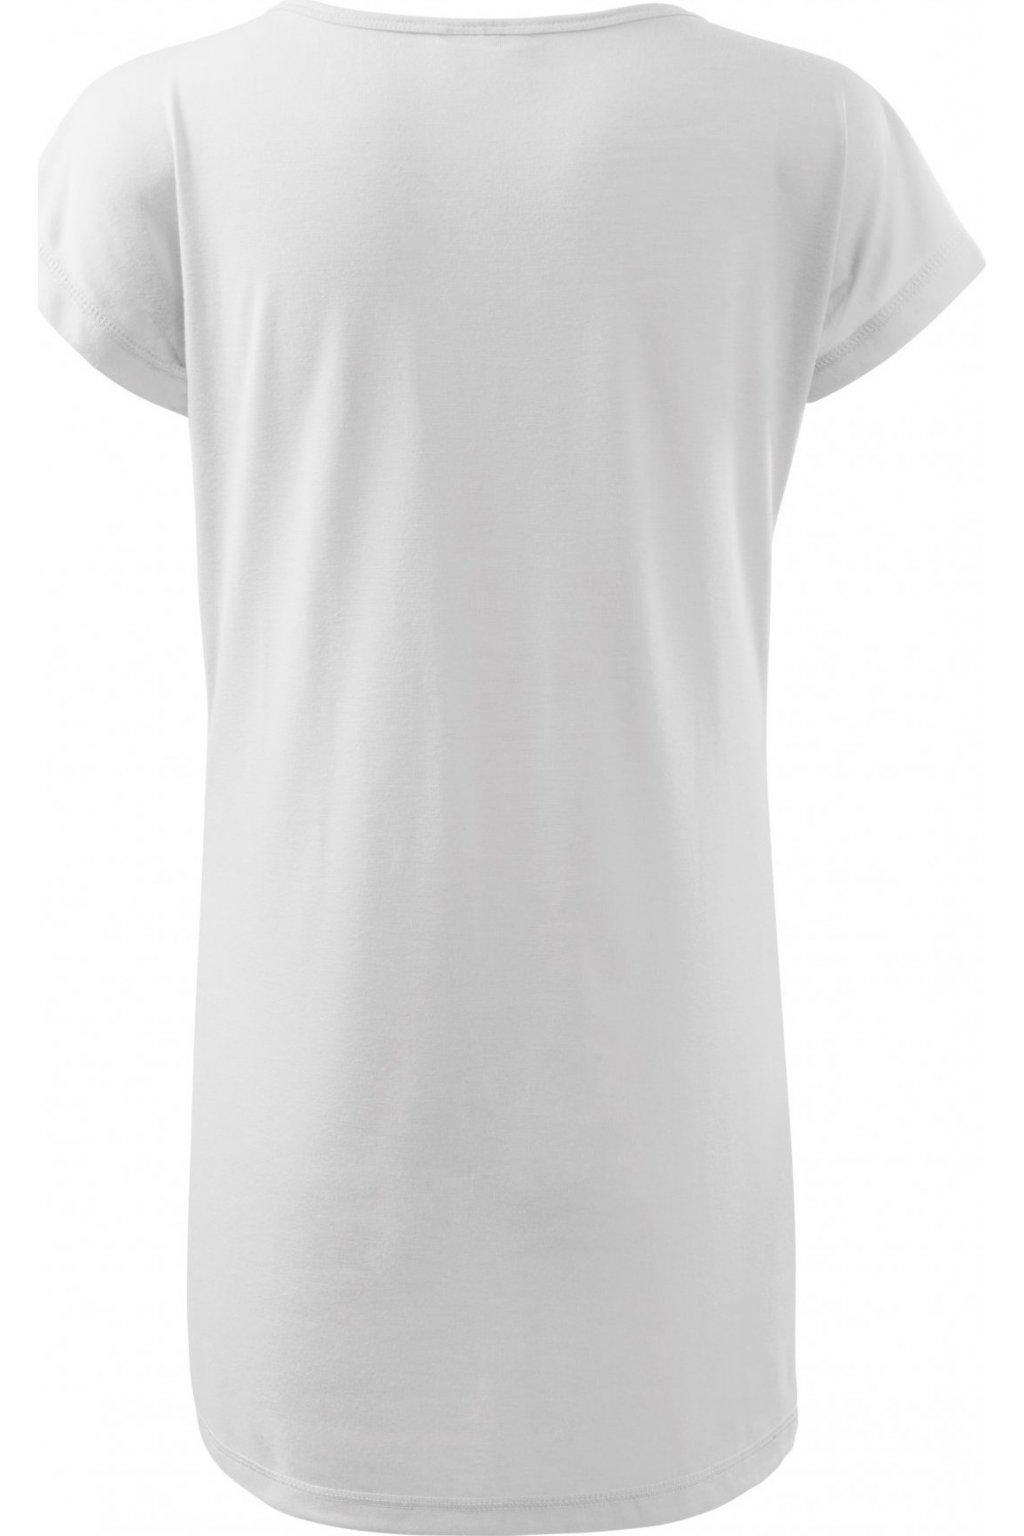 Love 123 Tričko/šaty dámské